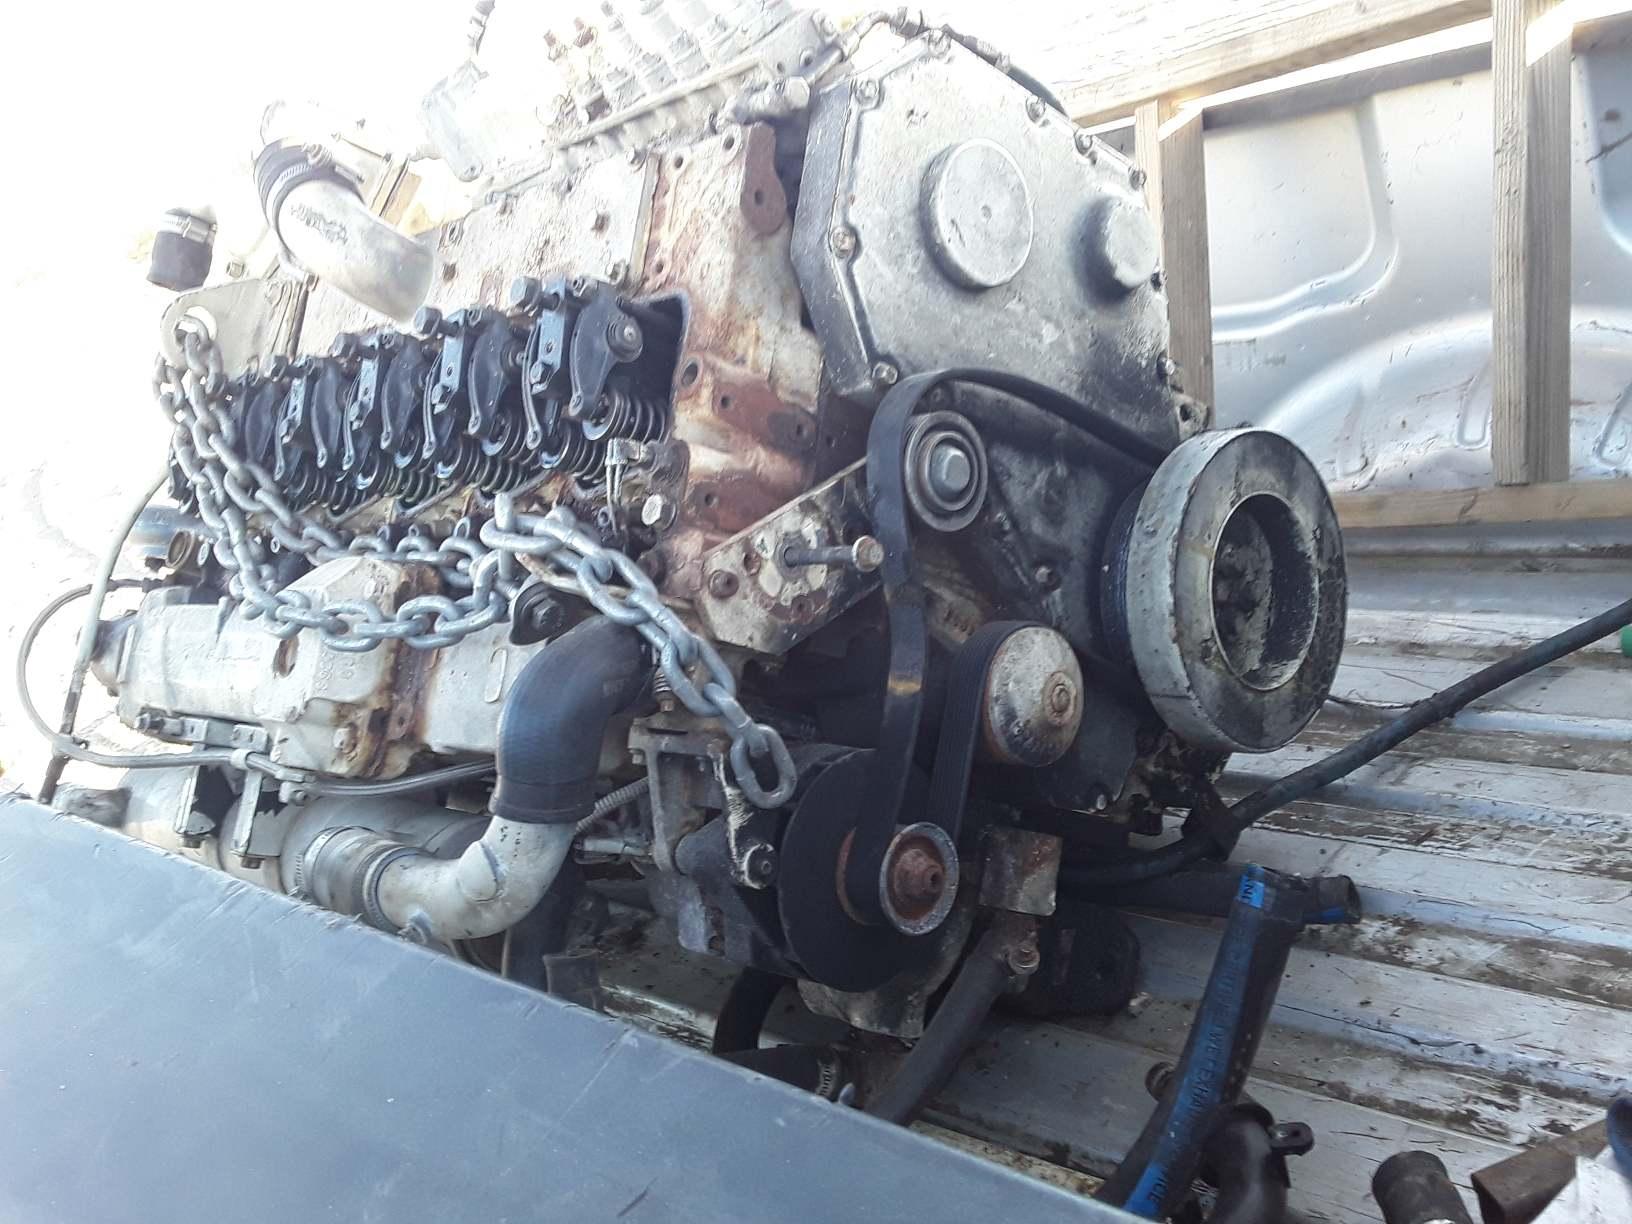 F1421B14-FAFE-4778-BC8F-1085F158F643.jpeg